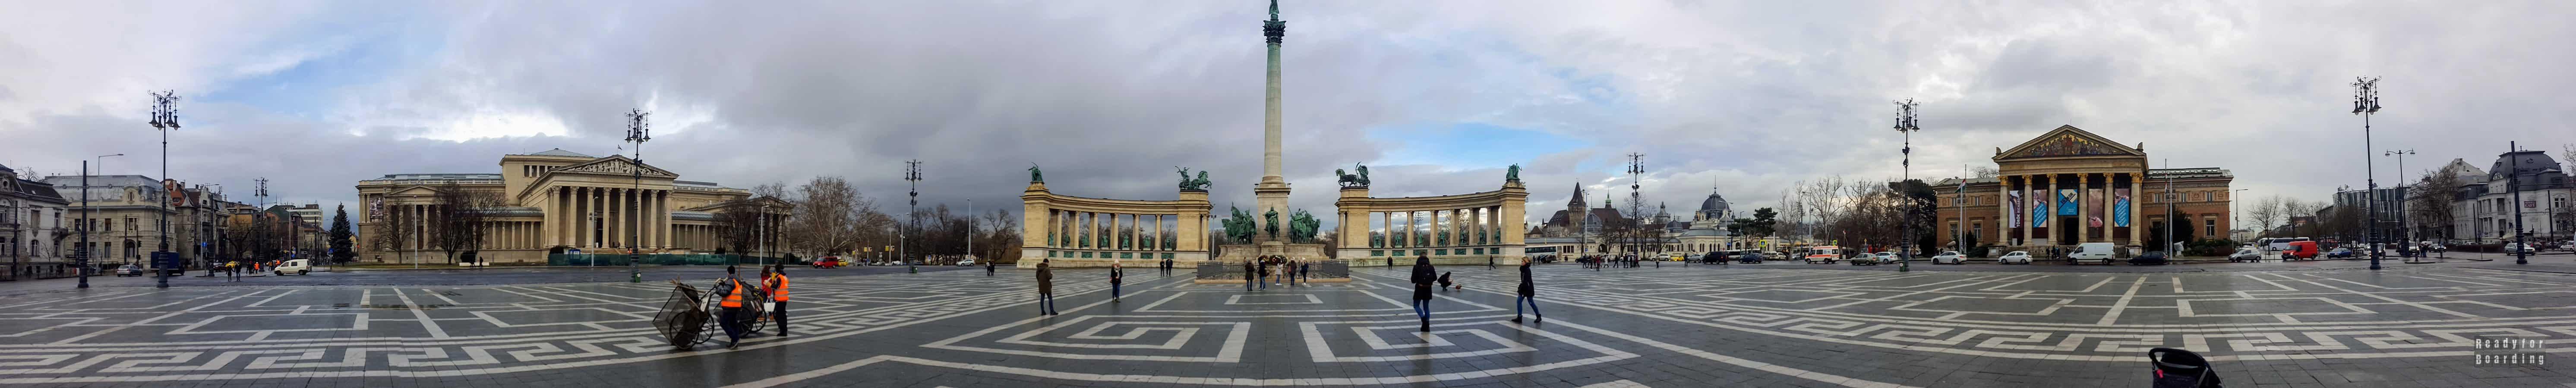 Panorama: Plac Bohaterów w Budapeszcie - Węgry